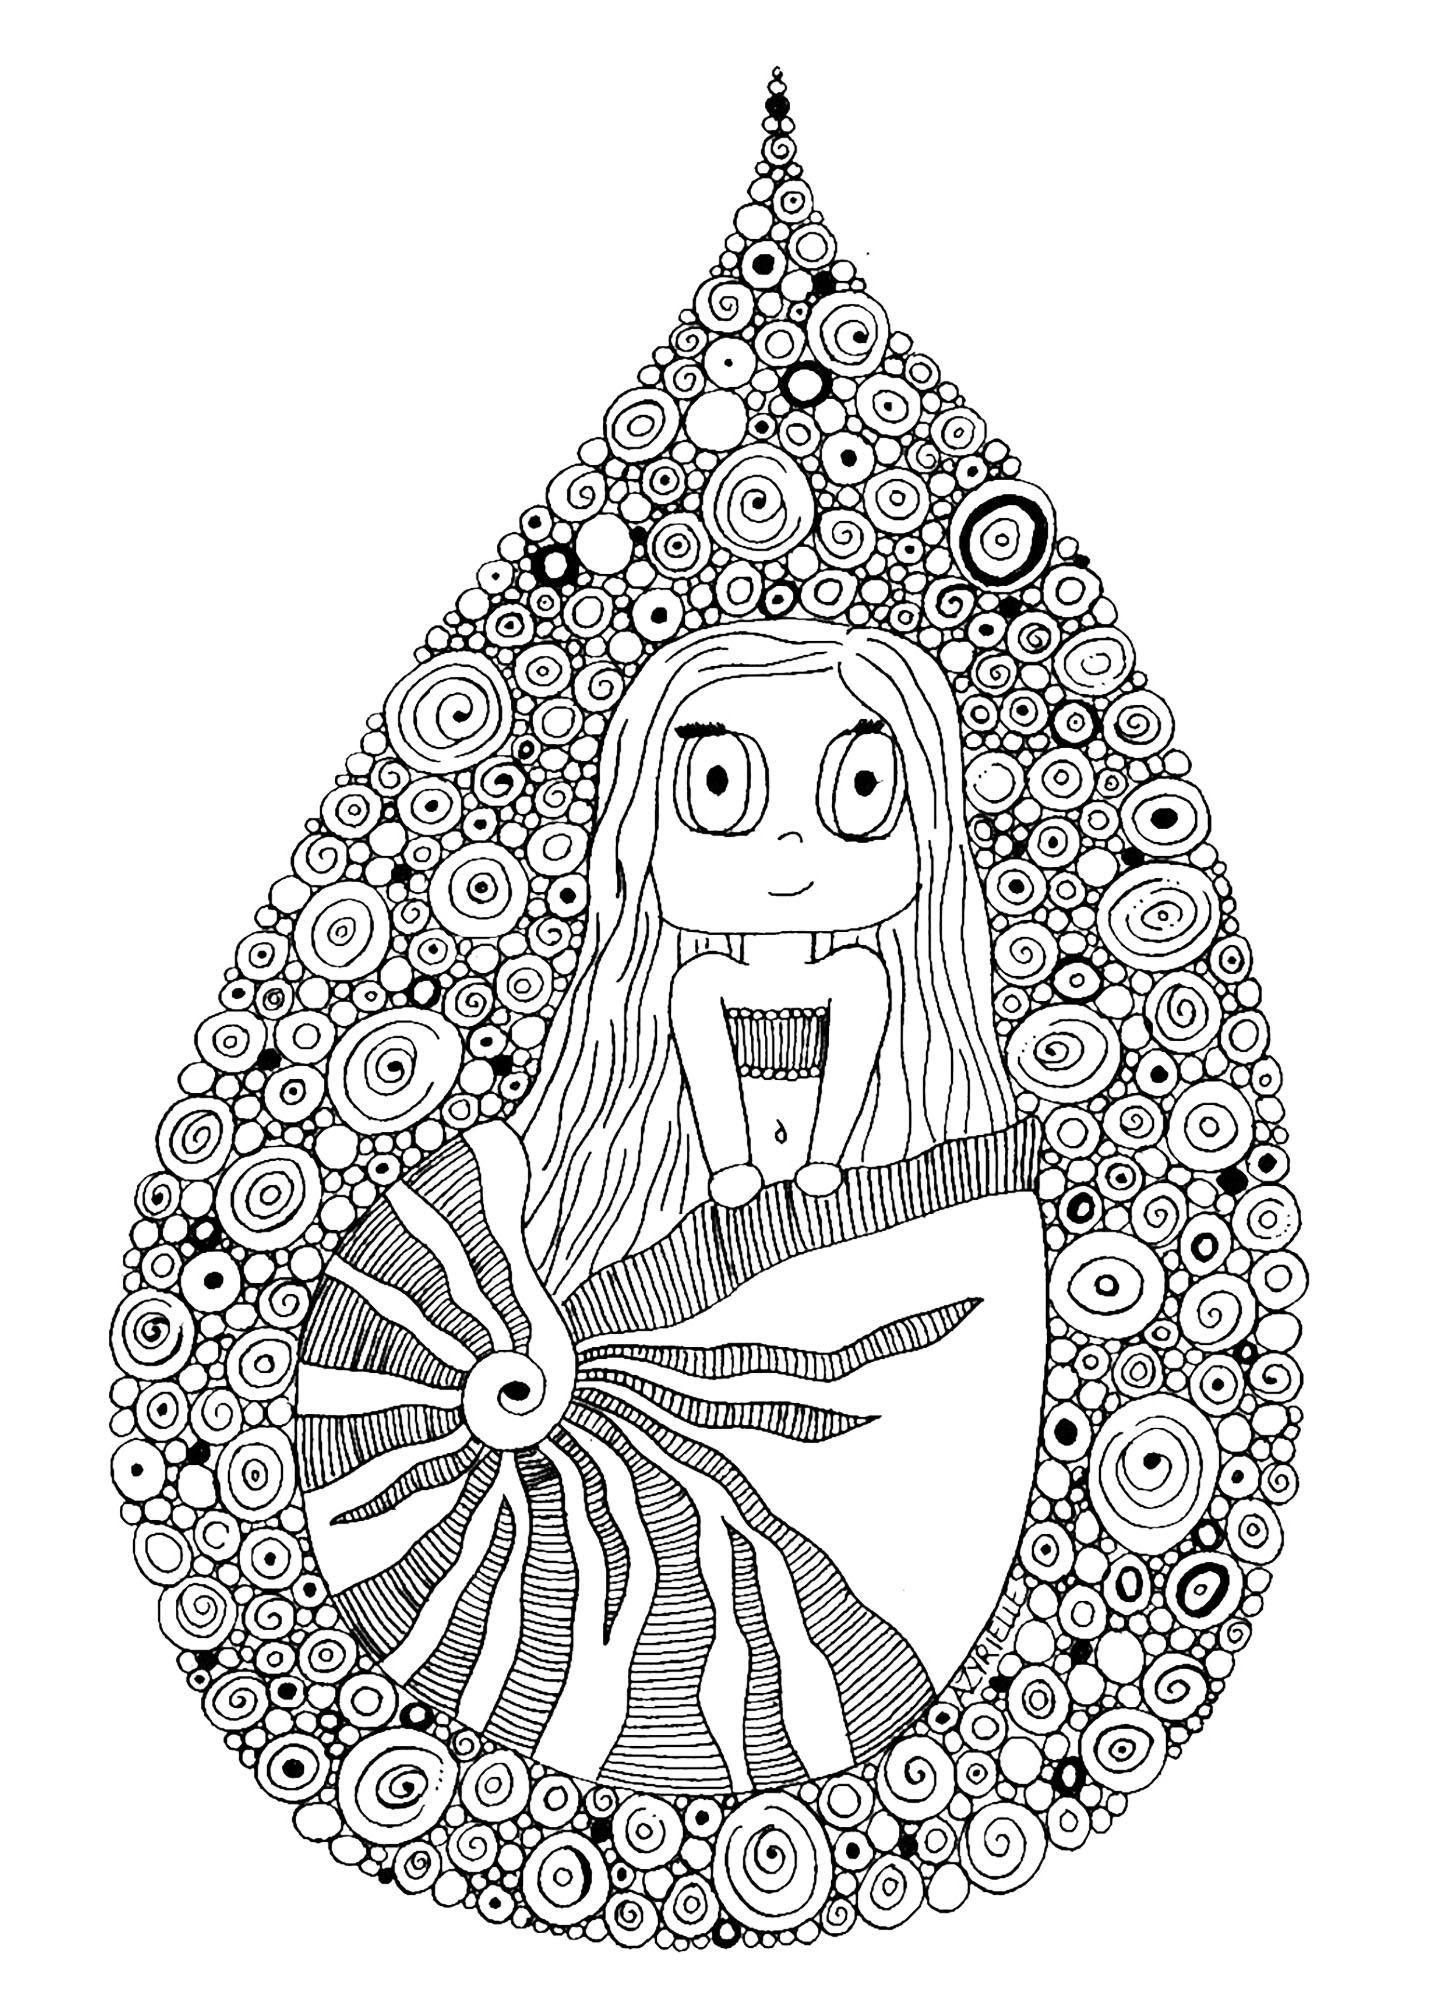 Sirene dans coquillage par azyrielle mondes aquatiques coloriages difficiles pour adultes - Sirene a colorier et imprimer ...